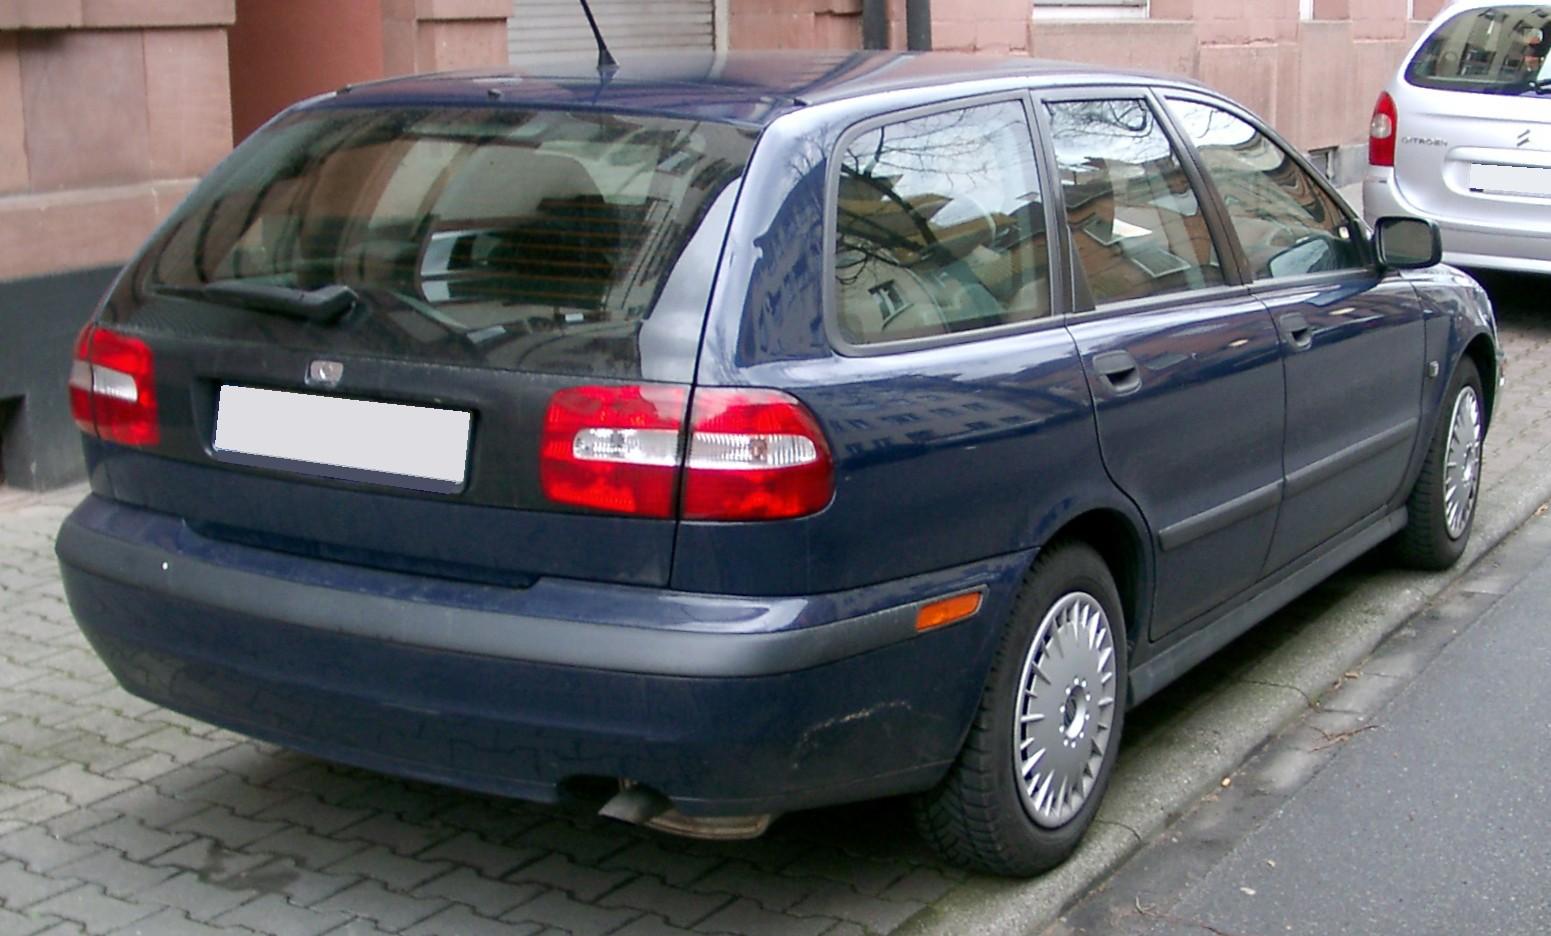 upload.wikimedia.org/wikipedia/commons/e/e9/Volvo_V40_rear_20080320.jpg